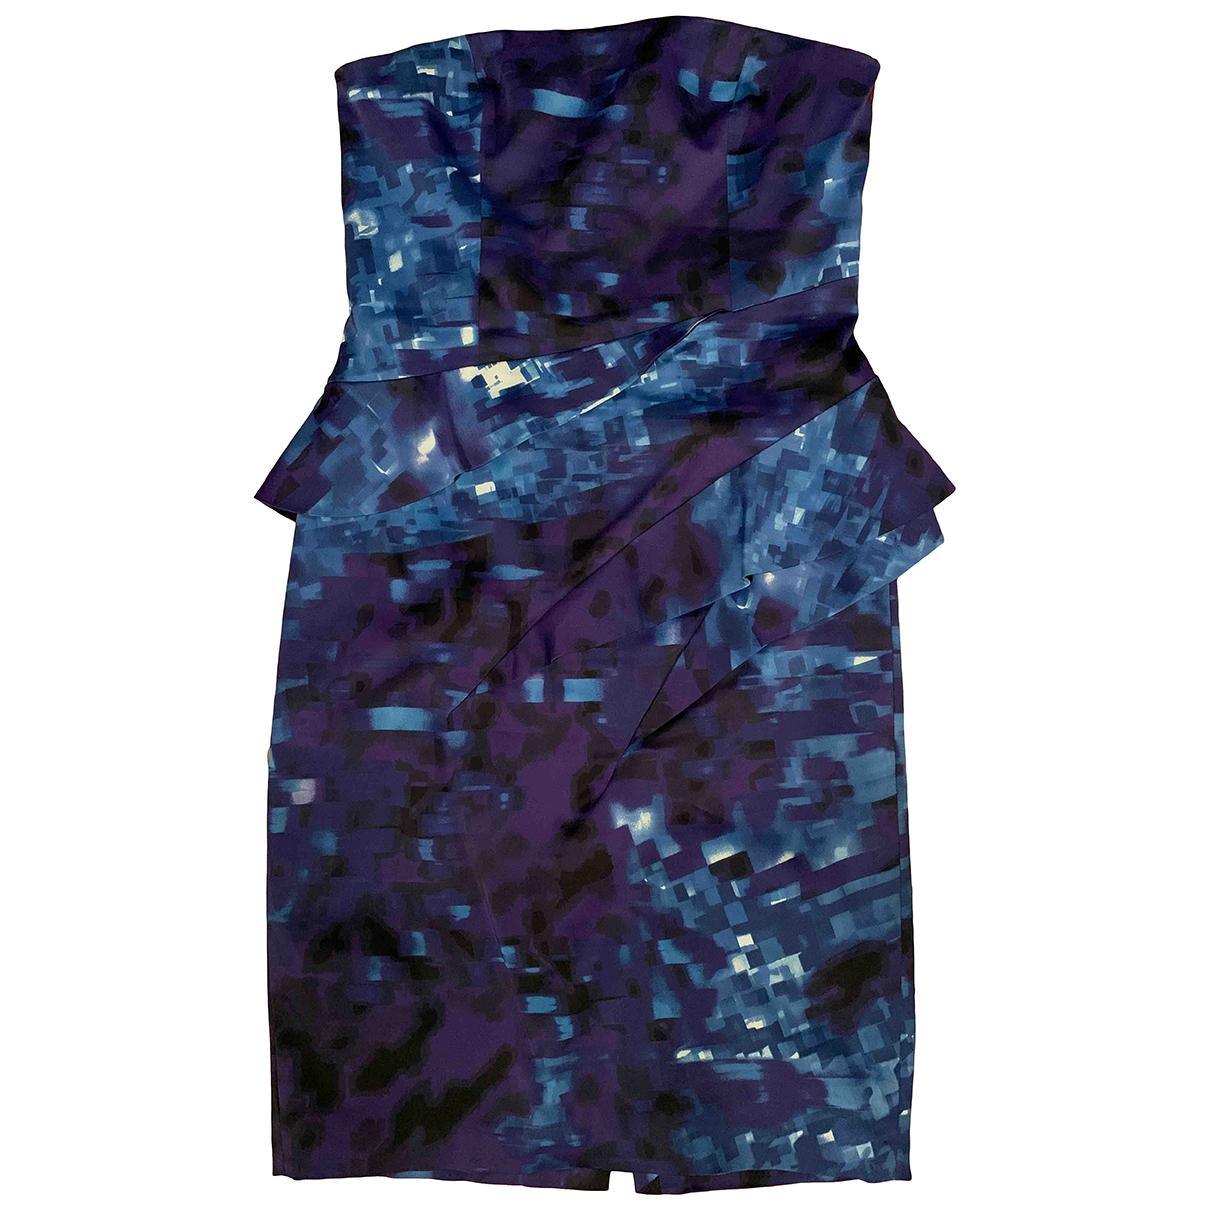 Karen Millen \N Kleid in  Blau Baumwolle - Elasthan